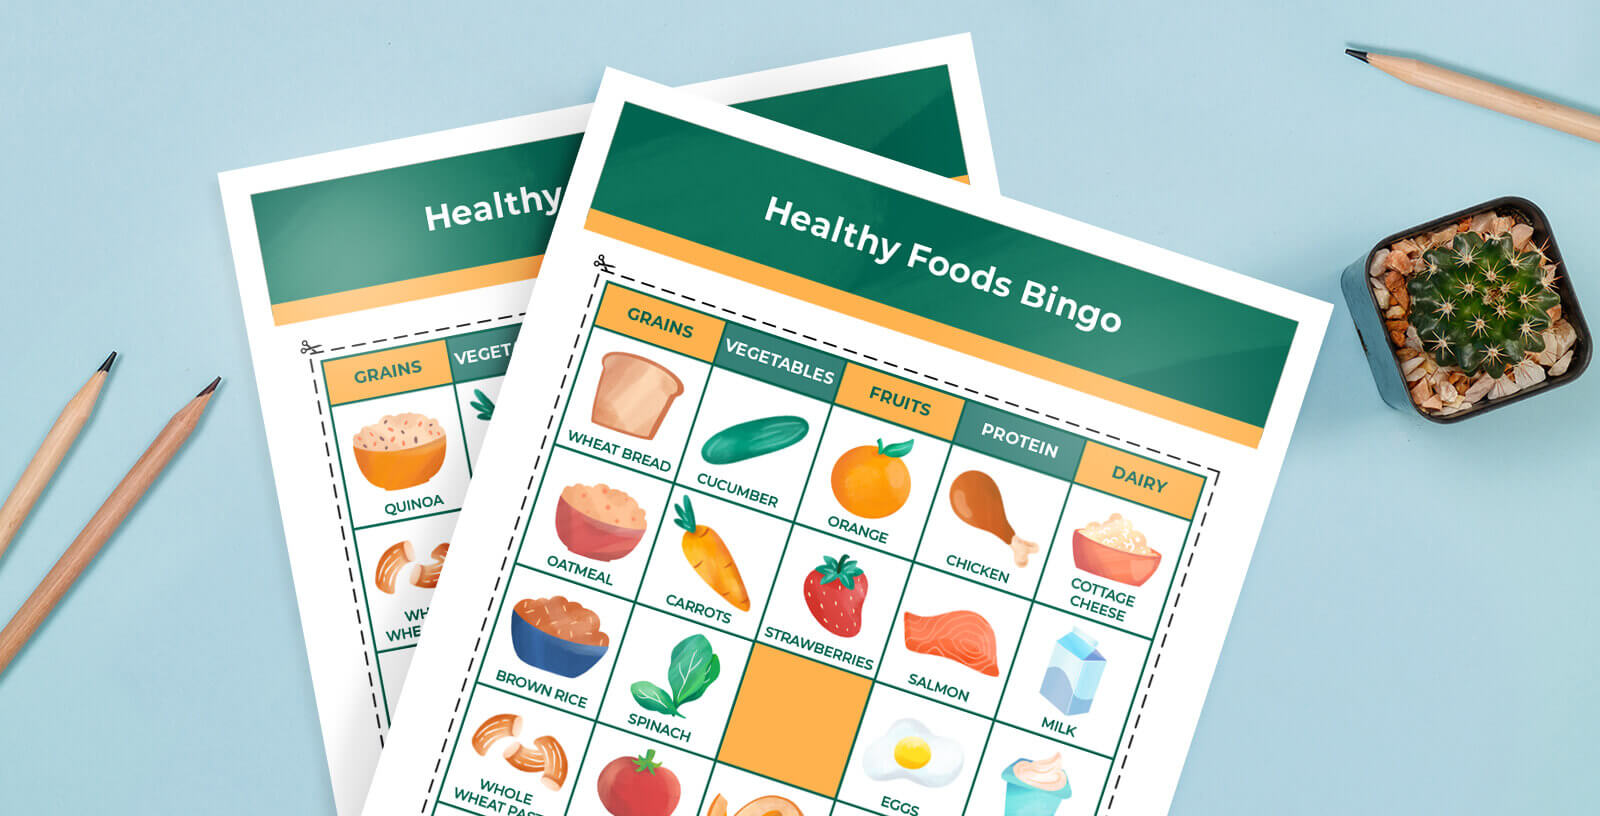 Healthy foods bingo game